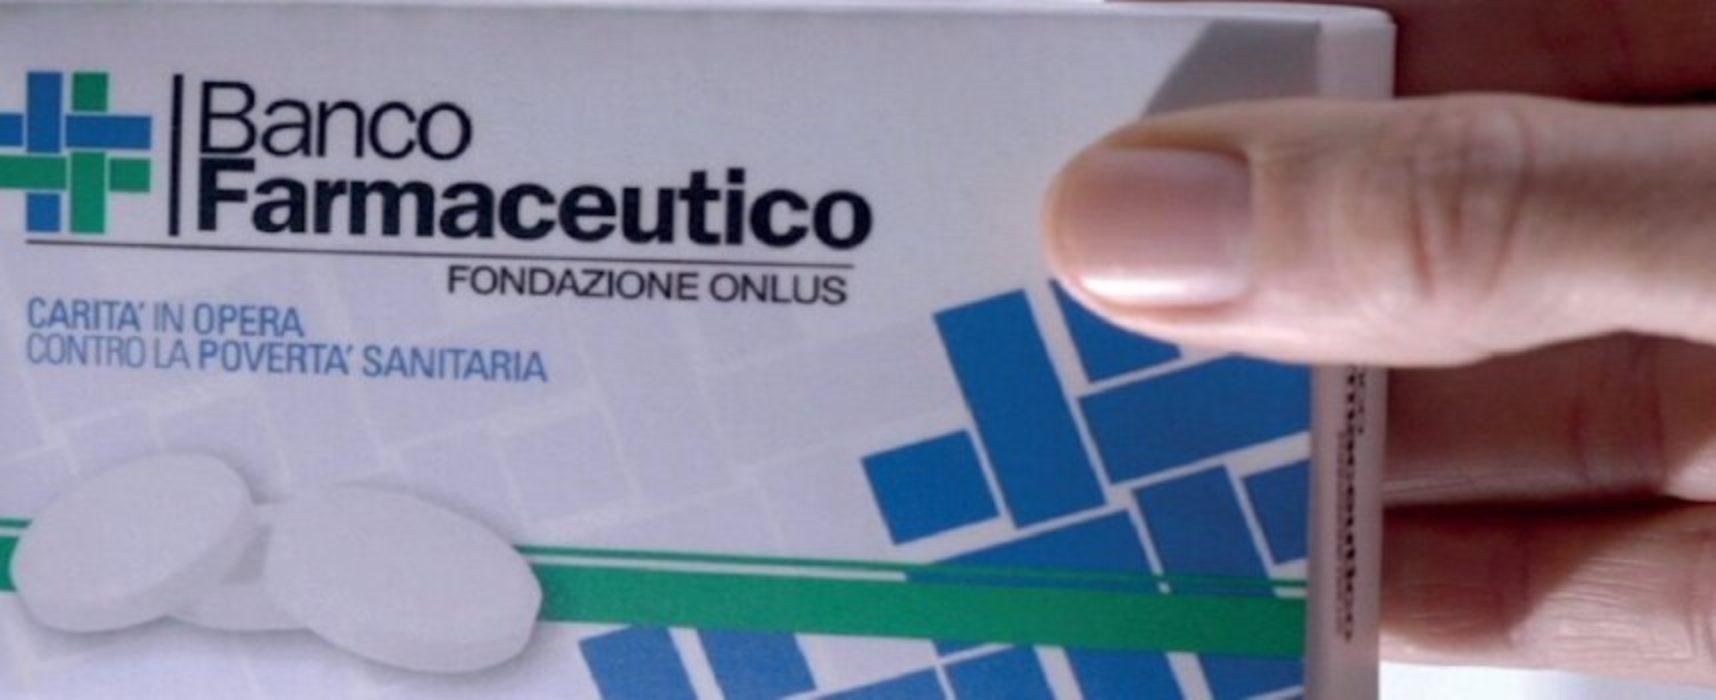 Banco Farmaceutico 2021, Bisceglie si conferma città vicina ai meno fortunati / FOTO